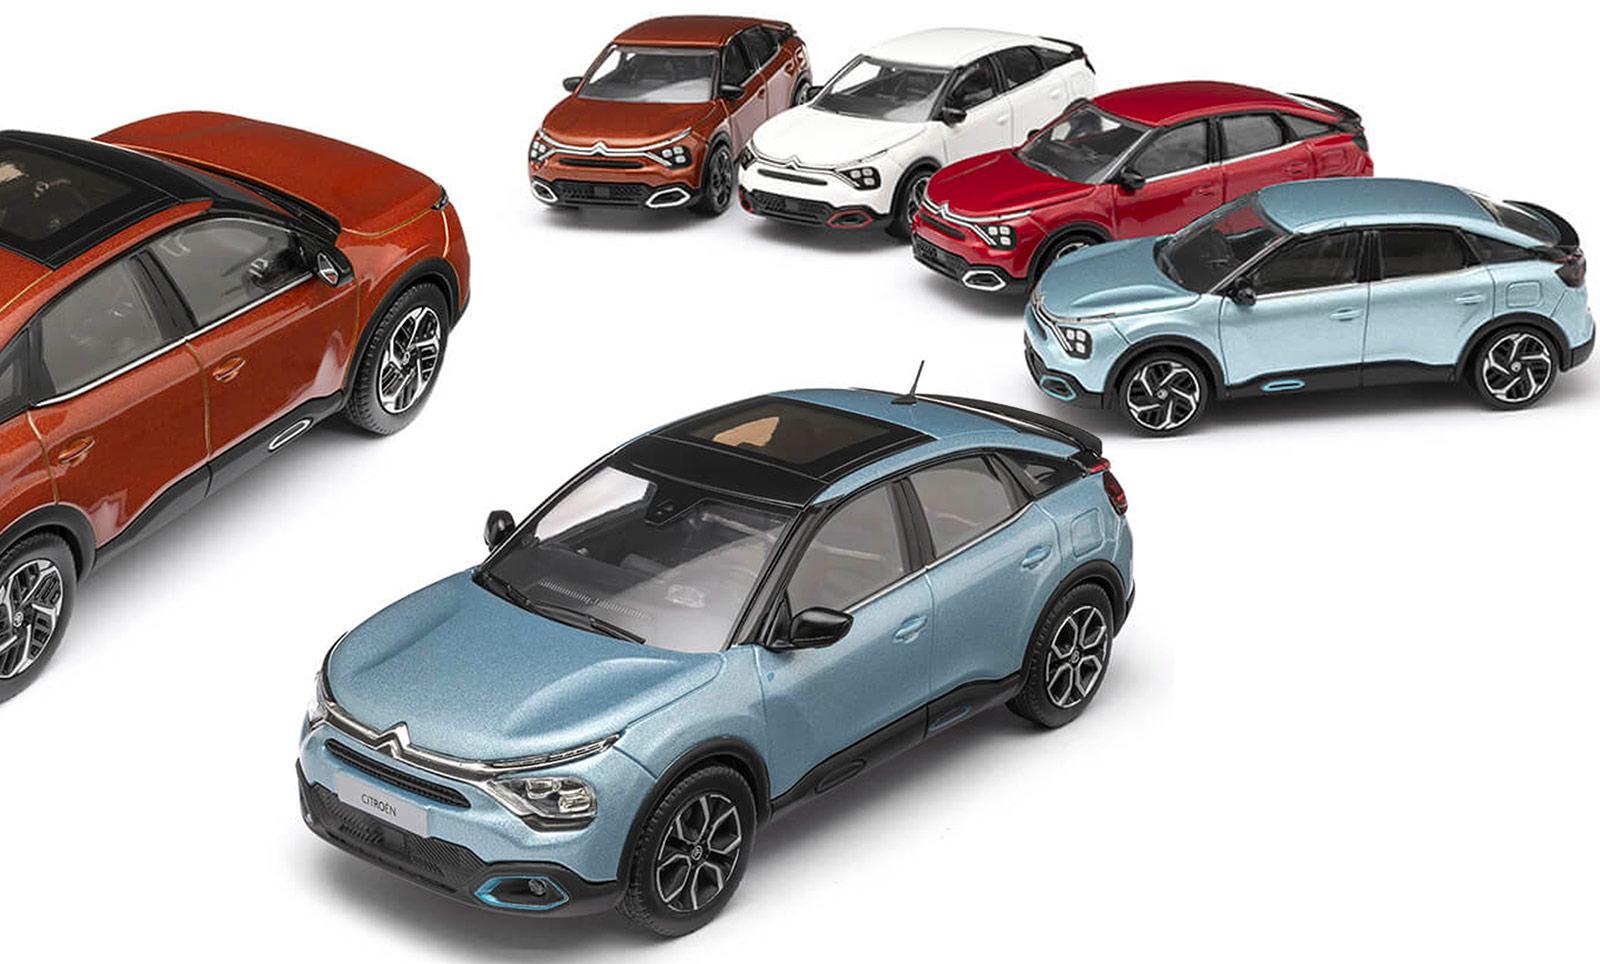 Norev propose la Citroën C4 2020 aux échelles 1/64 et 1/43